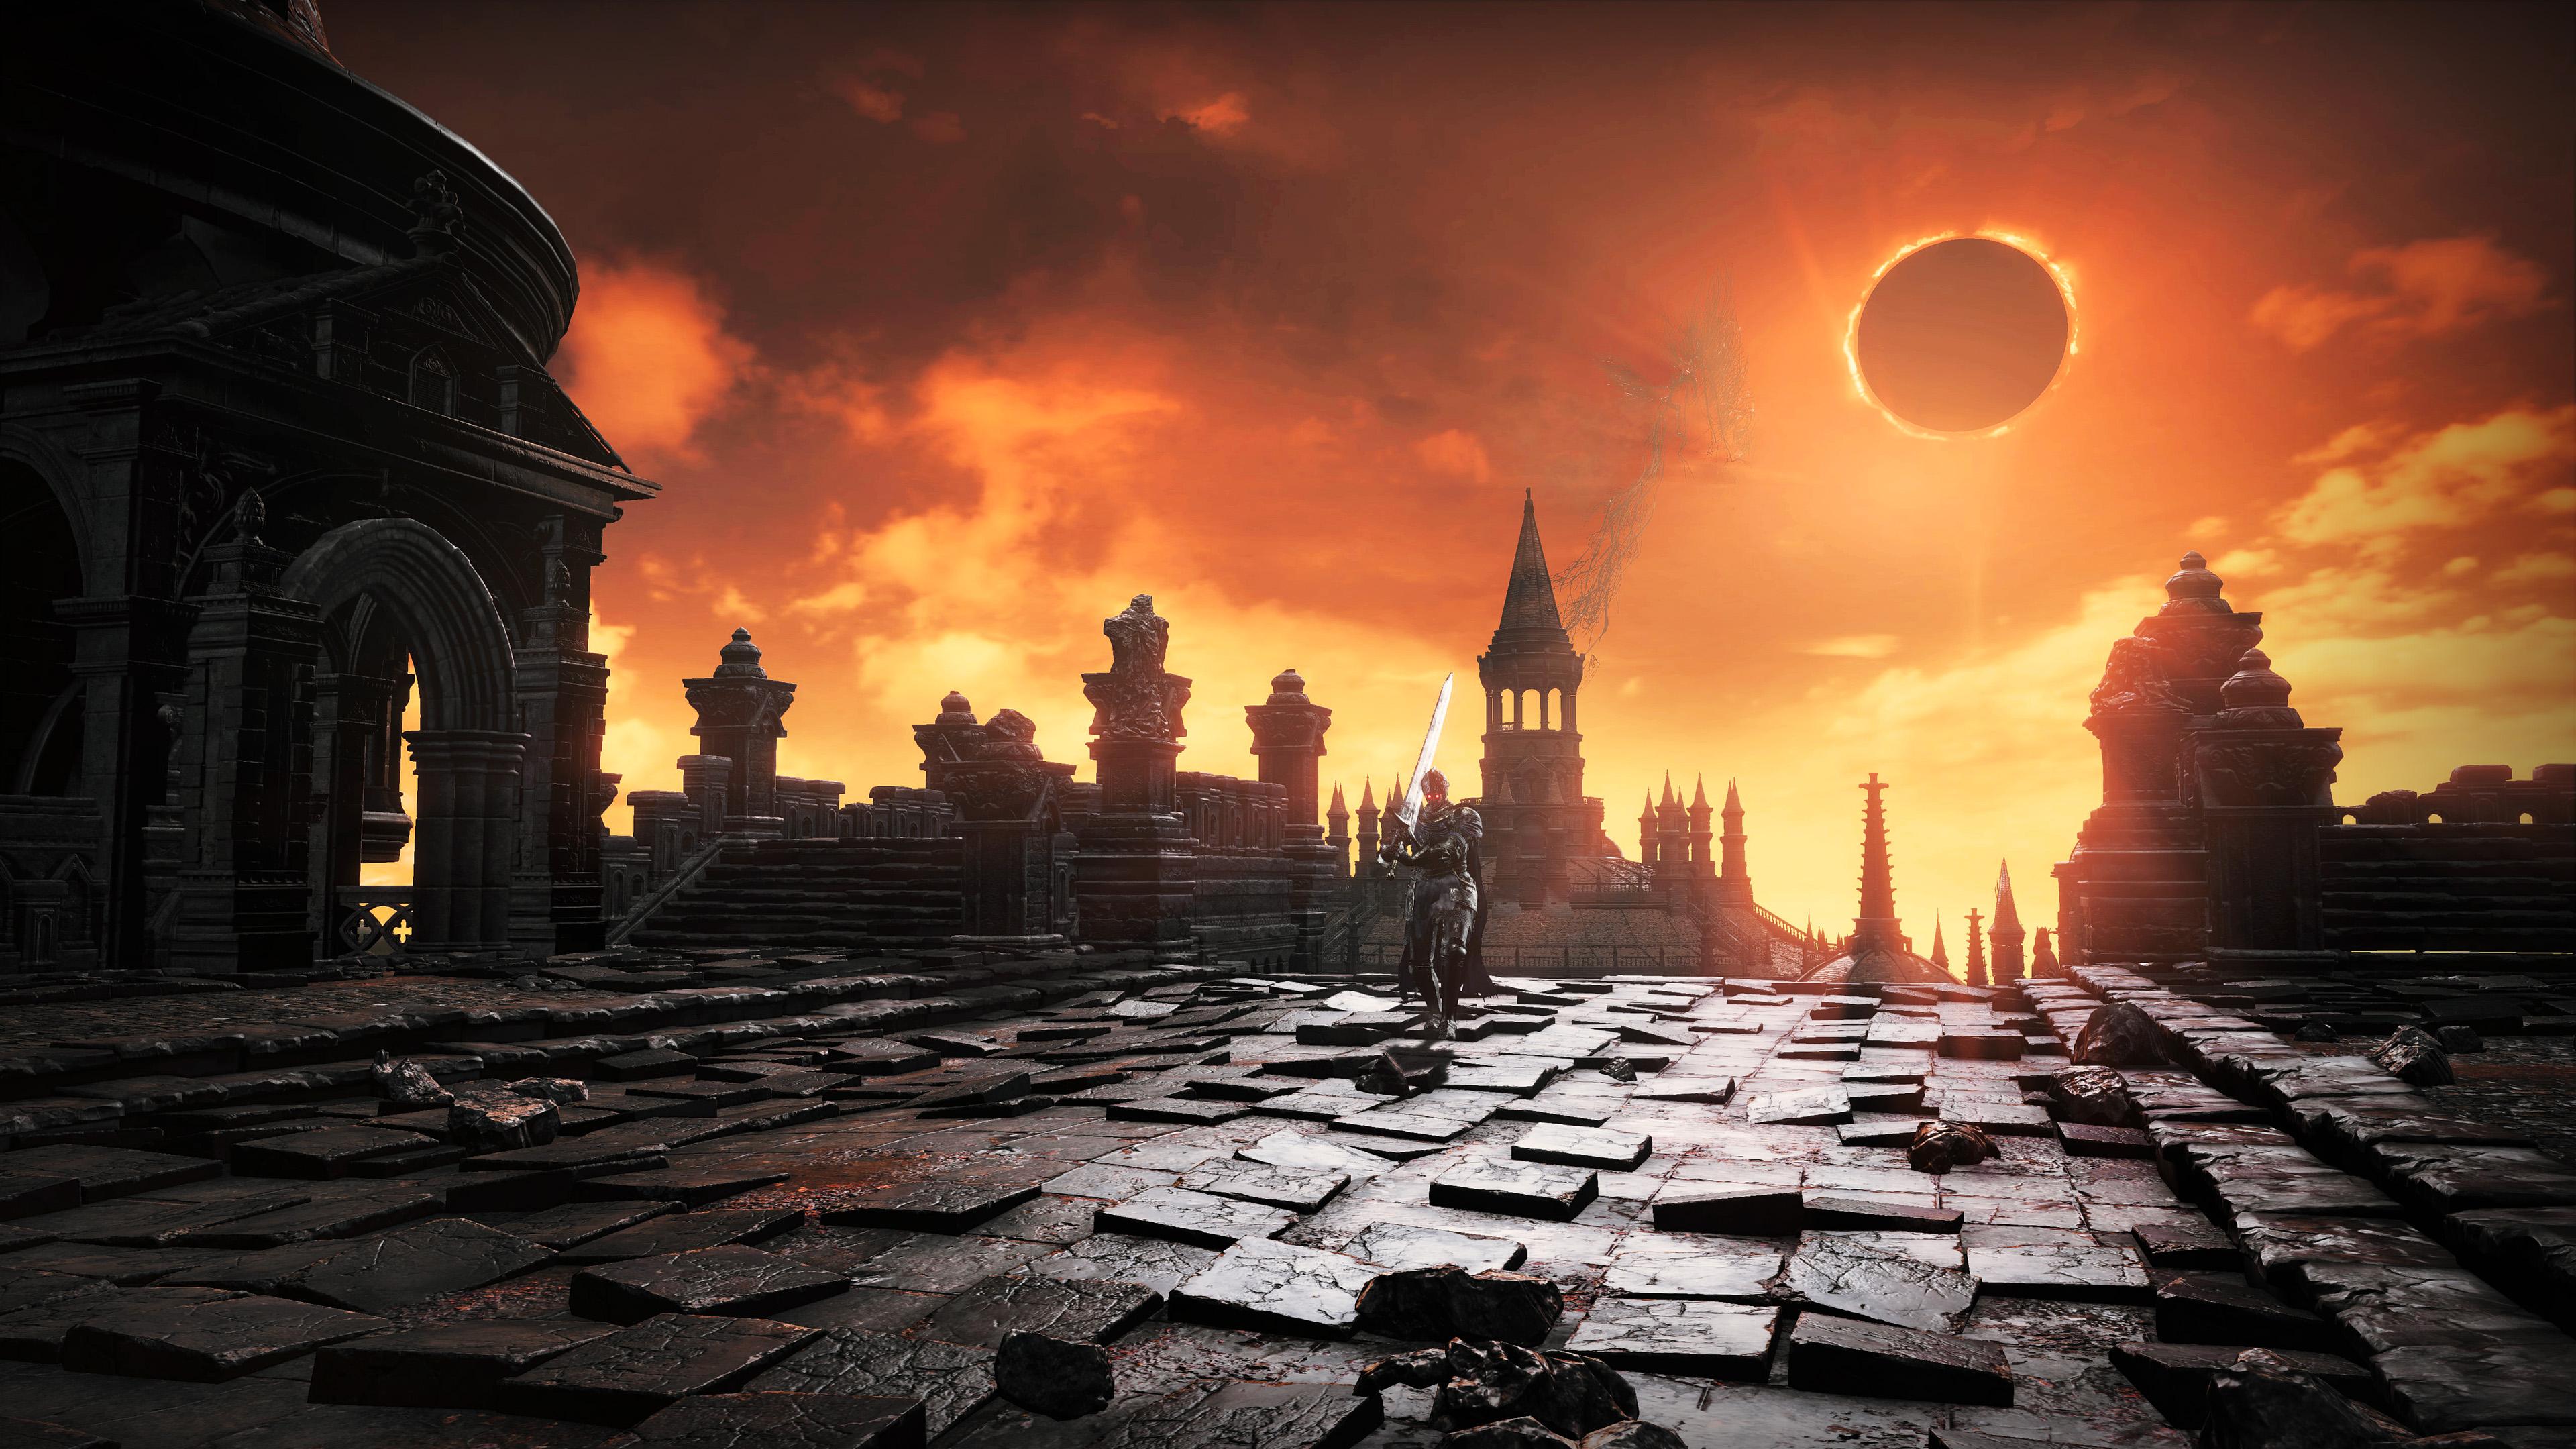 Dark Souls 3 4k Wallpaper: Dark Souls 3 4k, HD Games, 4k Wallpapers, Images